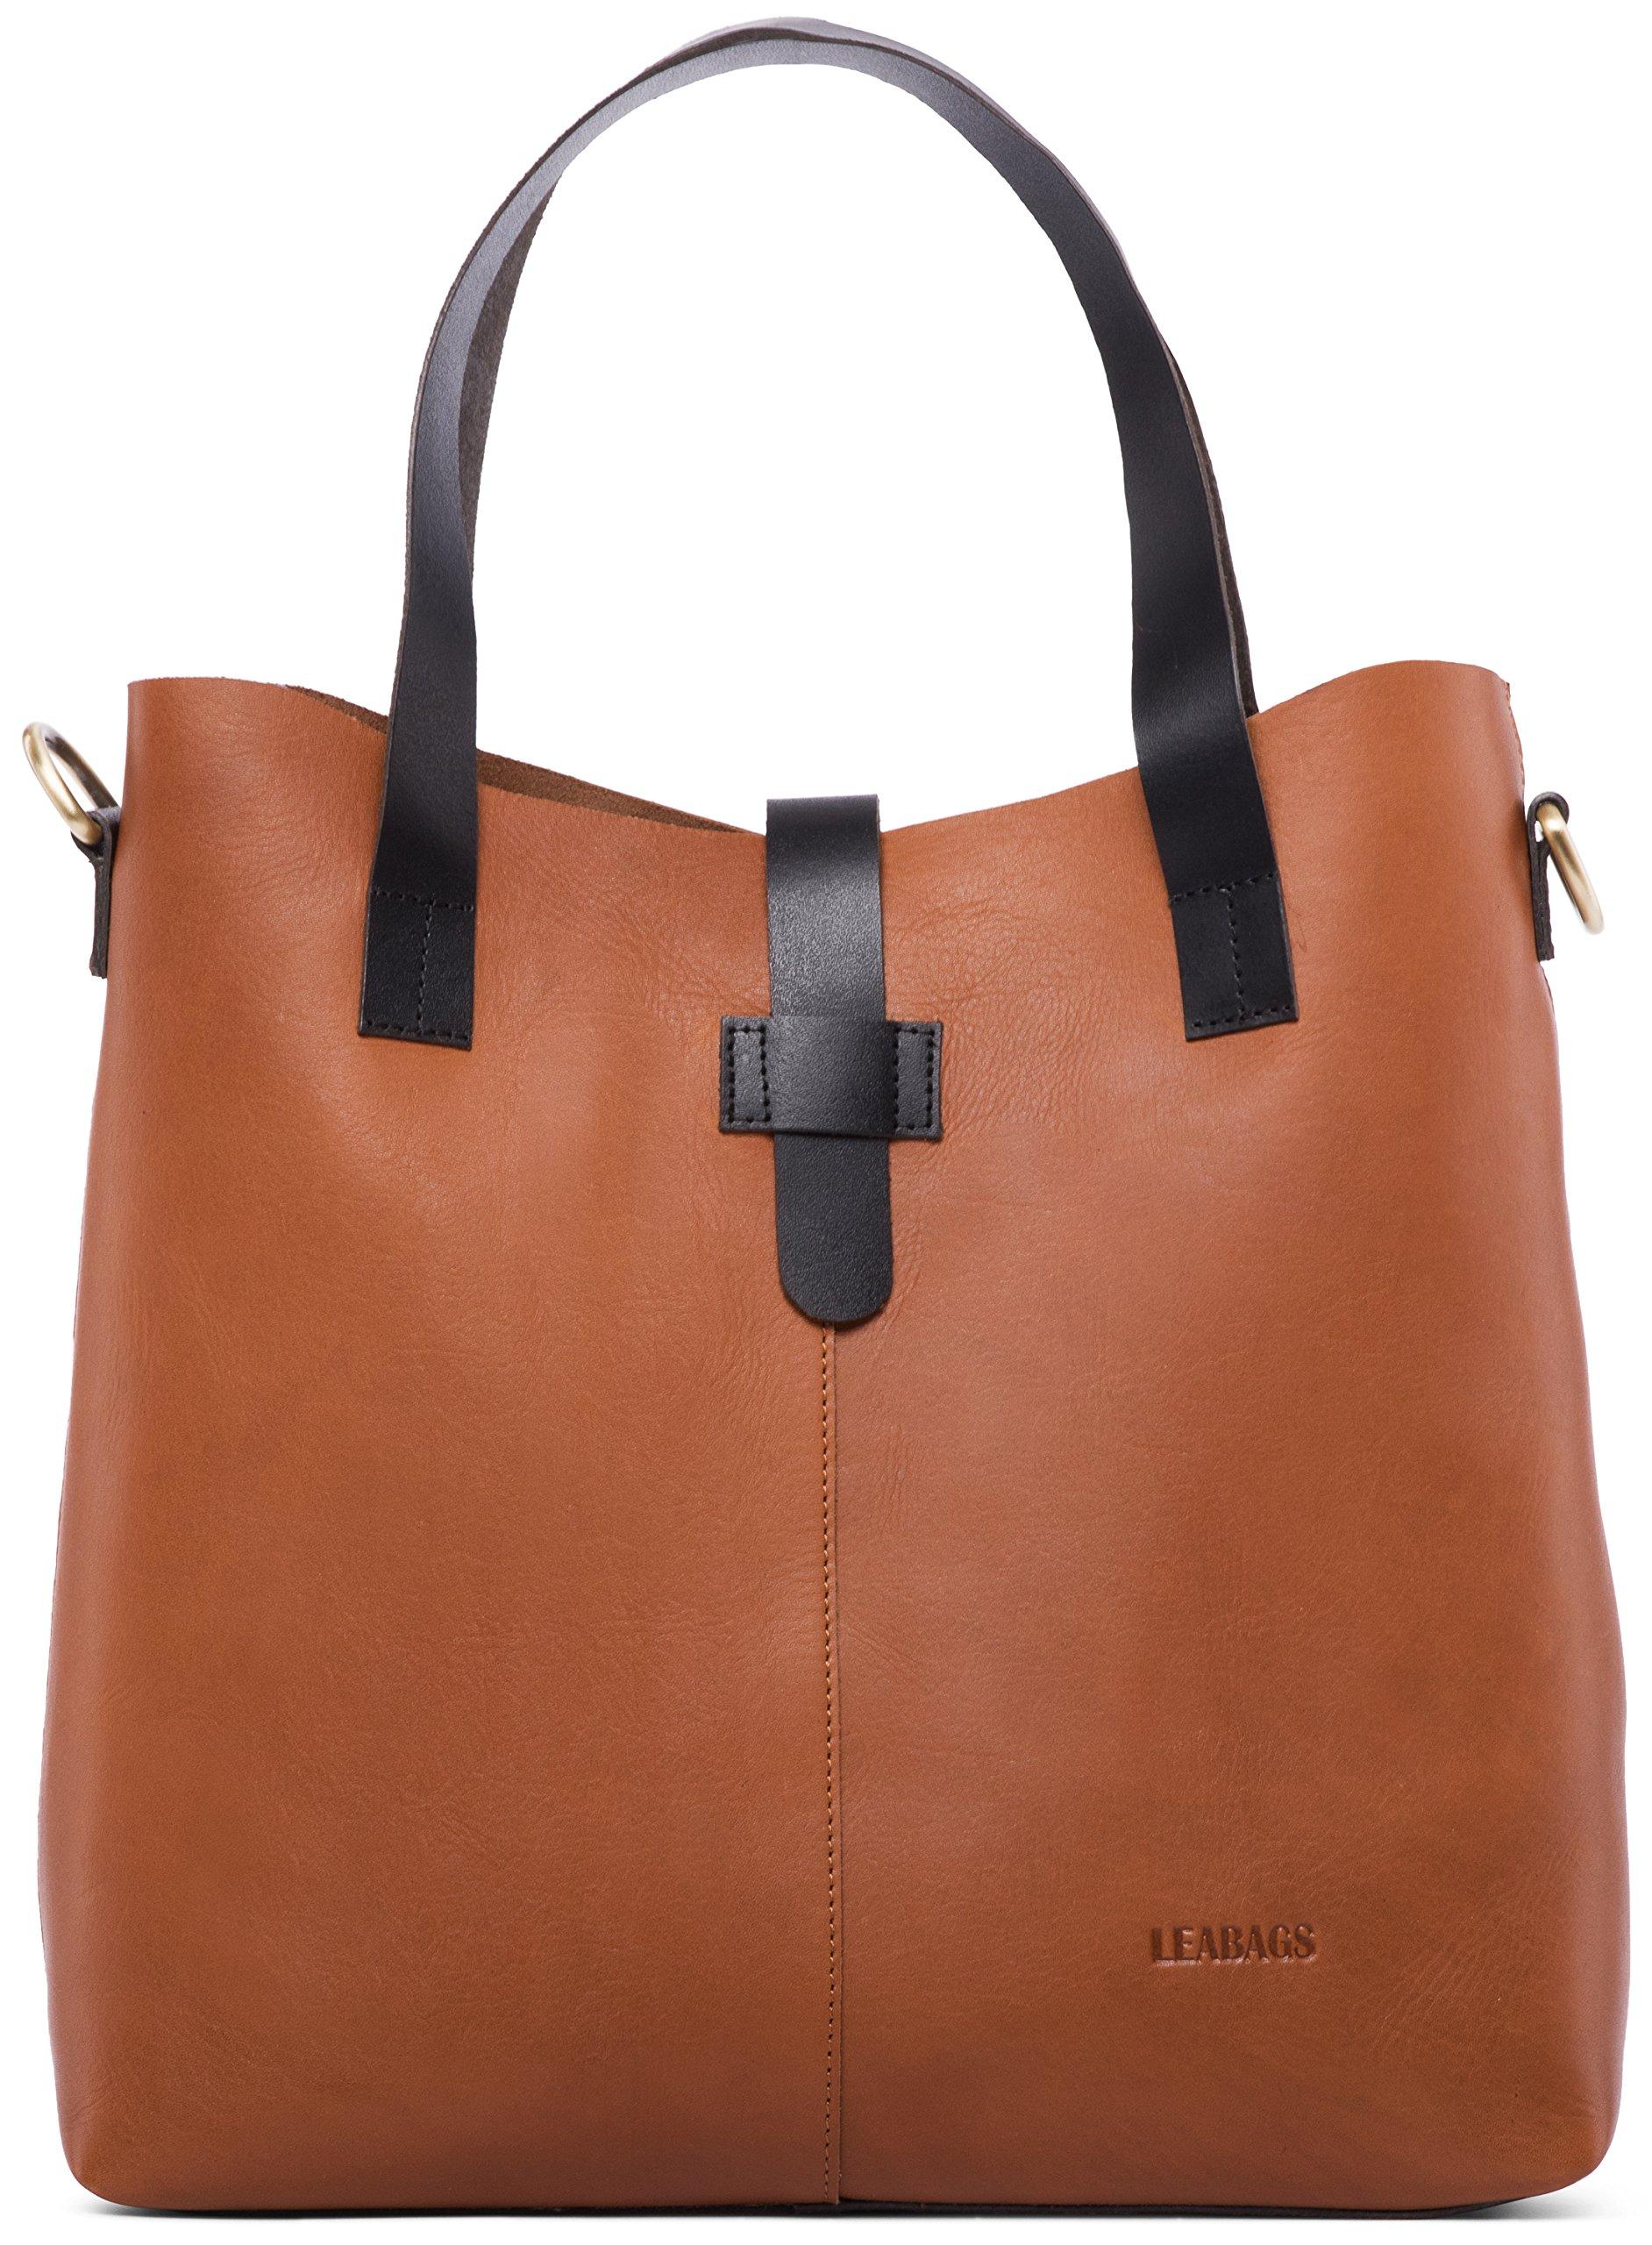 Perth Leder Handtasche von LEABAGS | TOP Qualität